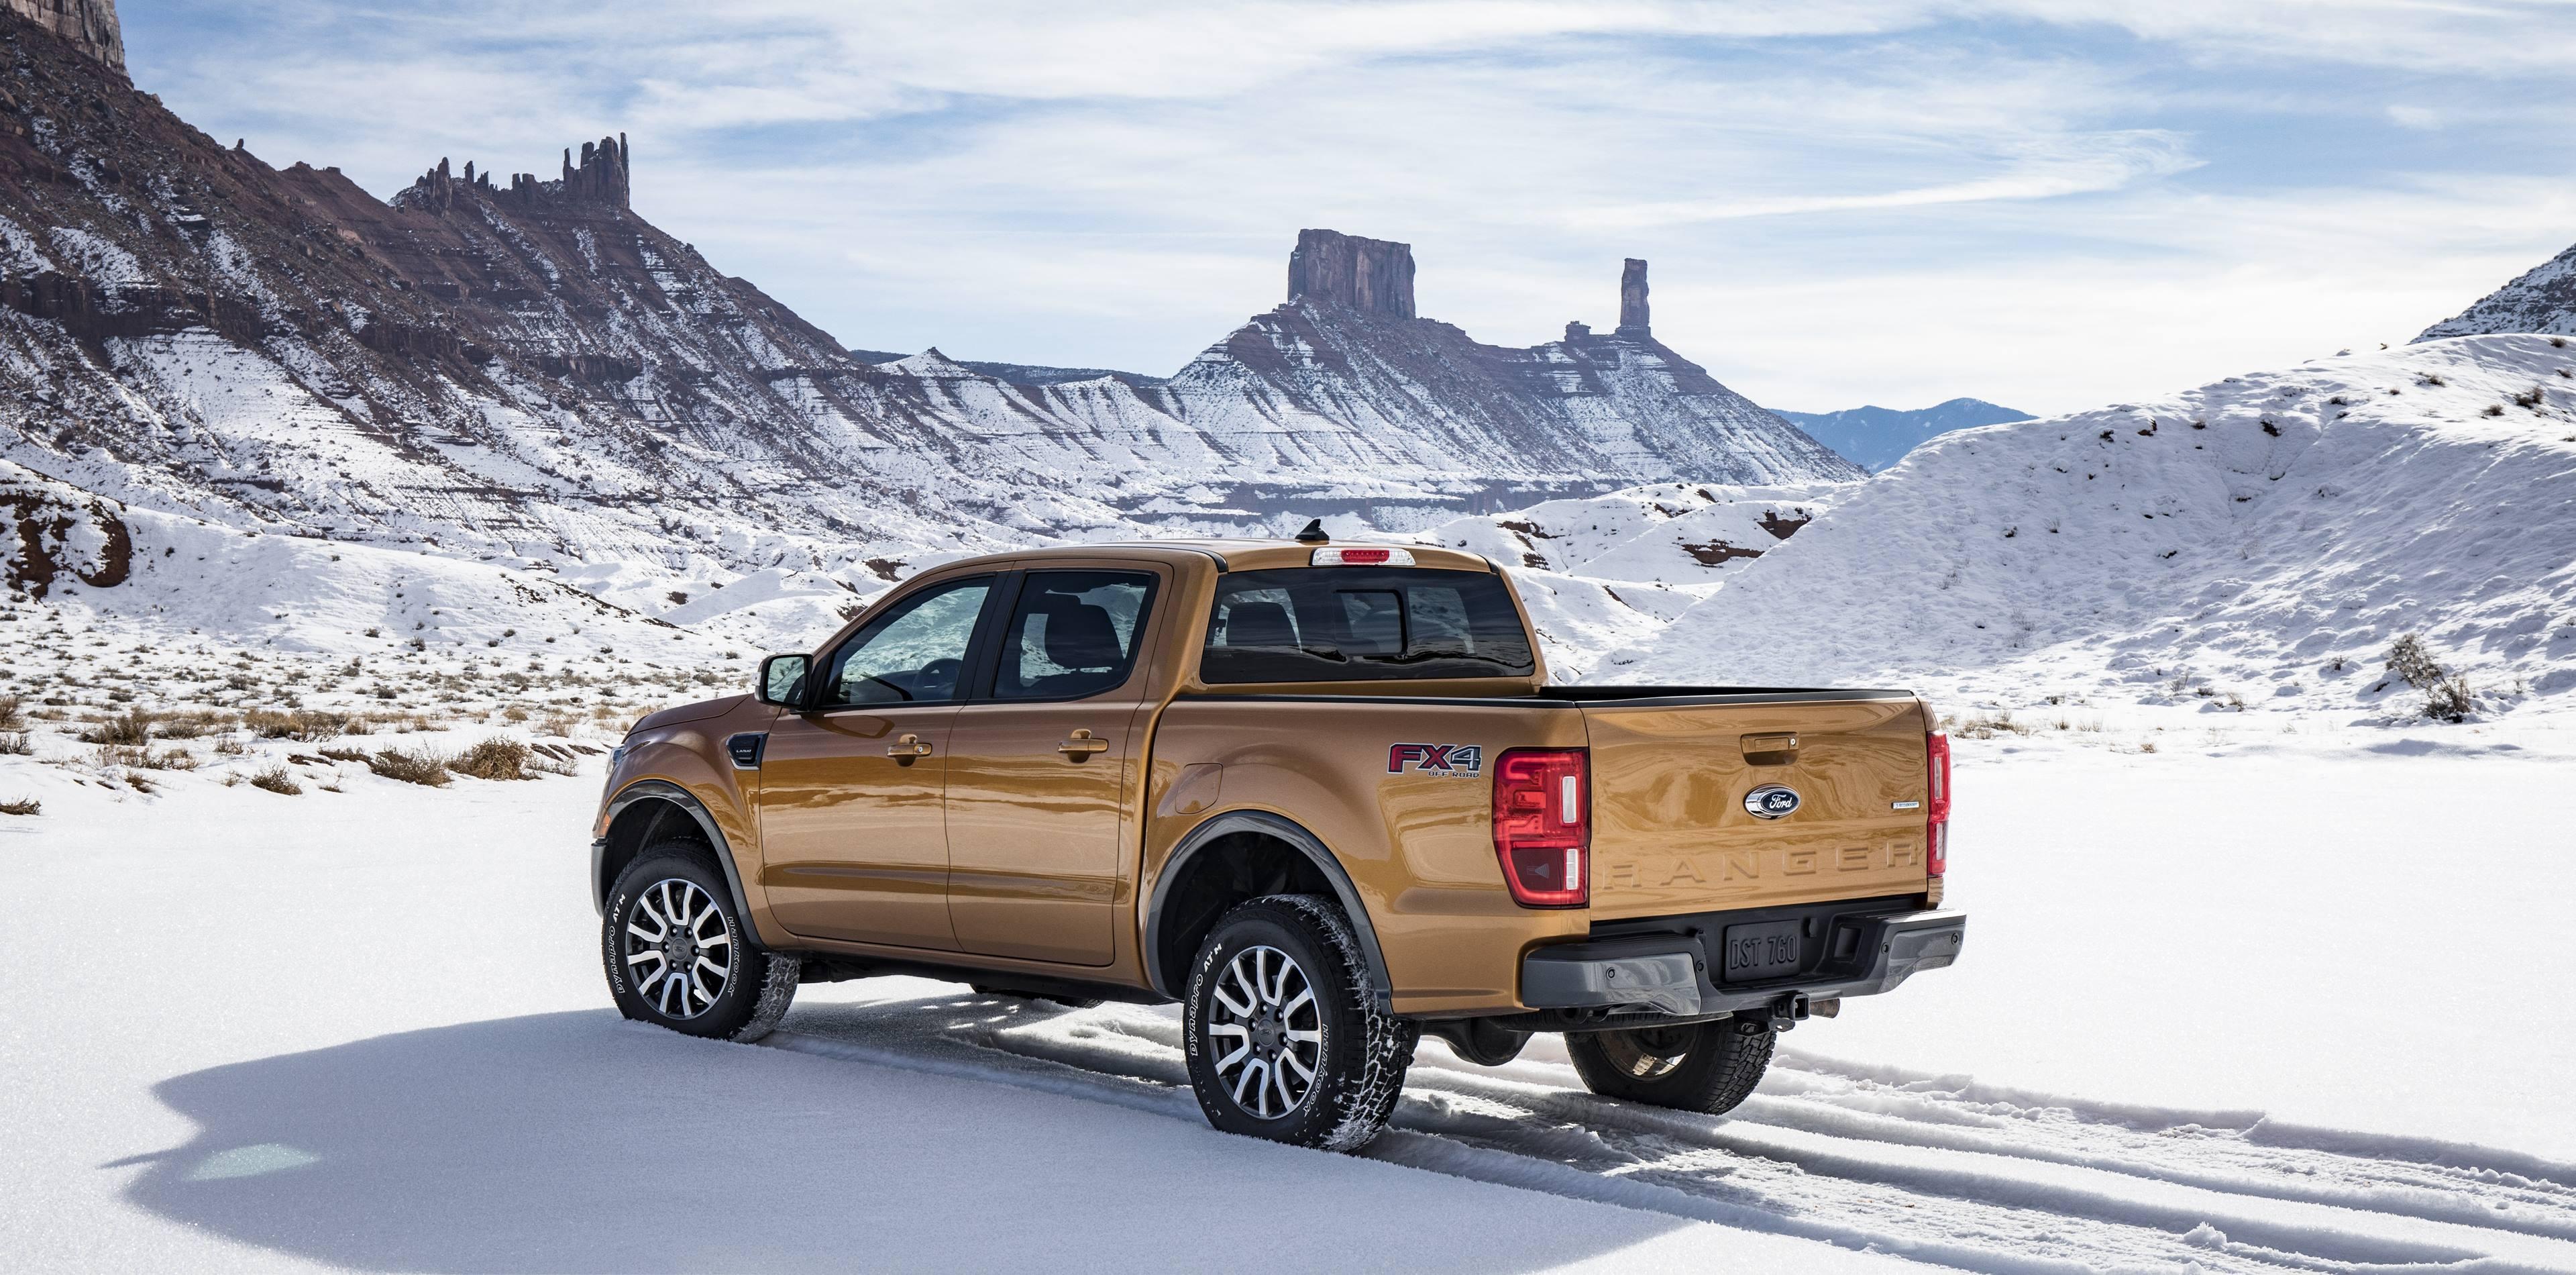 2019 Ford Ranger off roading